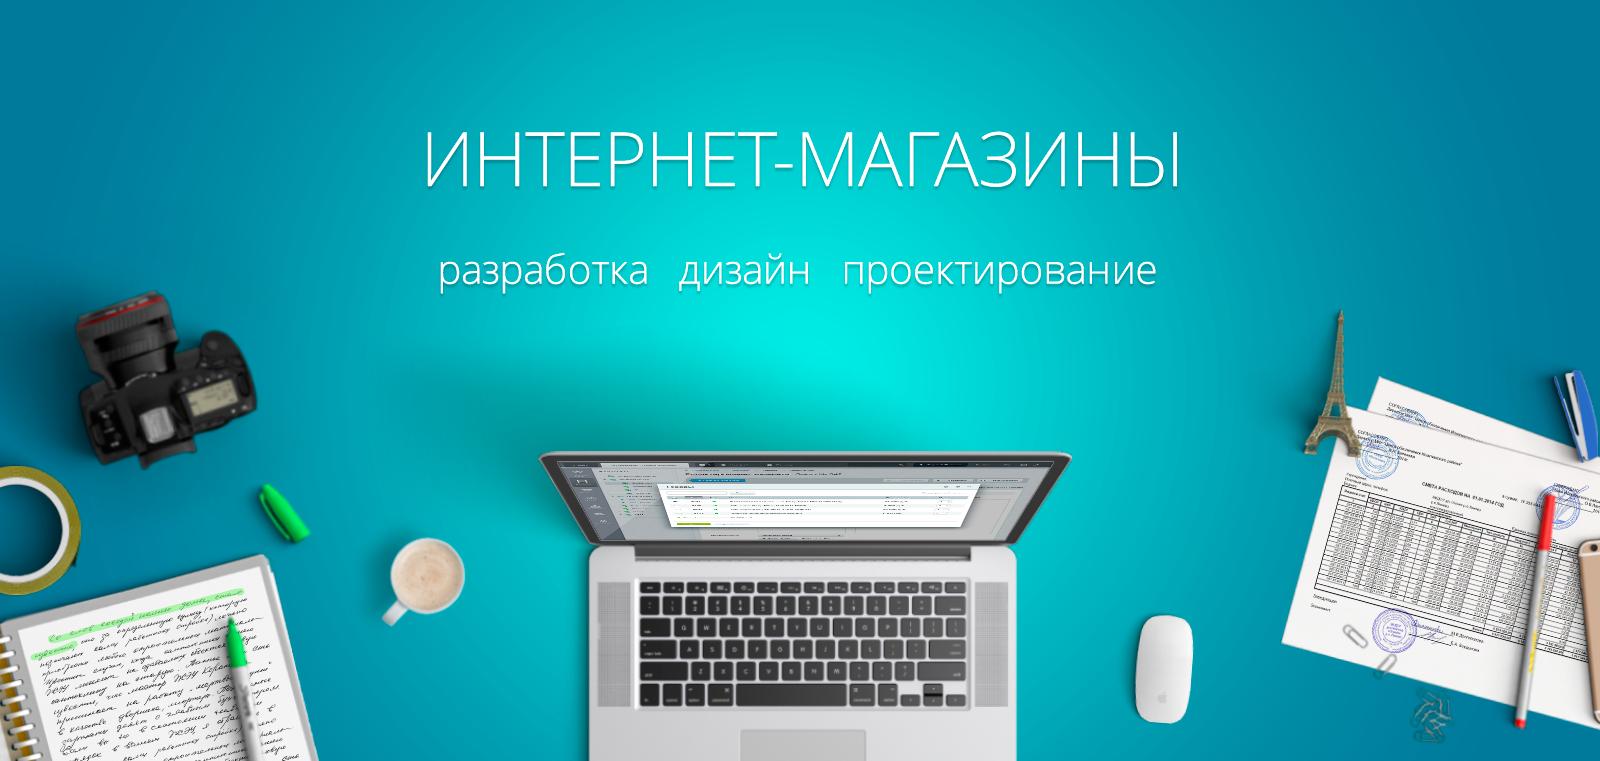 жэк саратов управляющая компания сайт